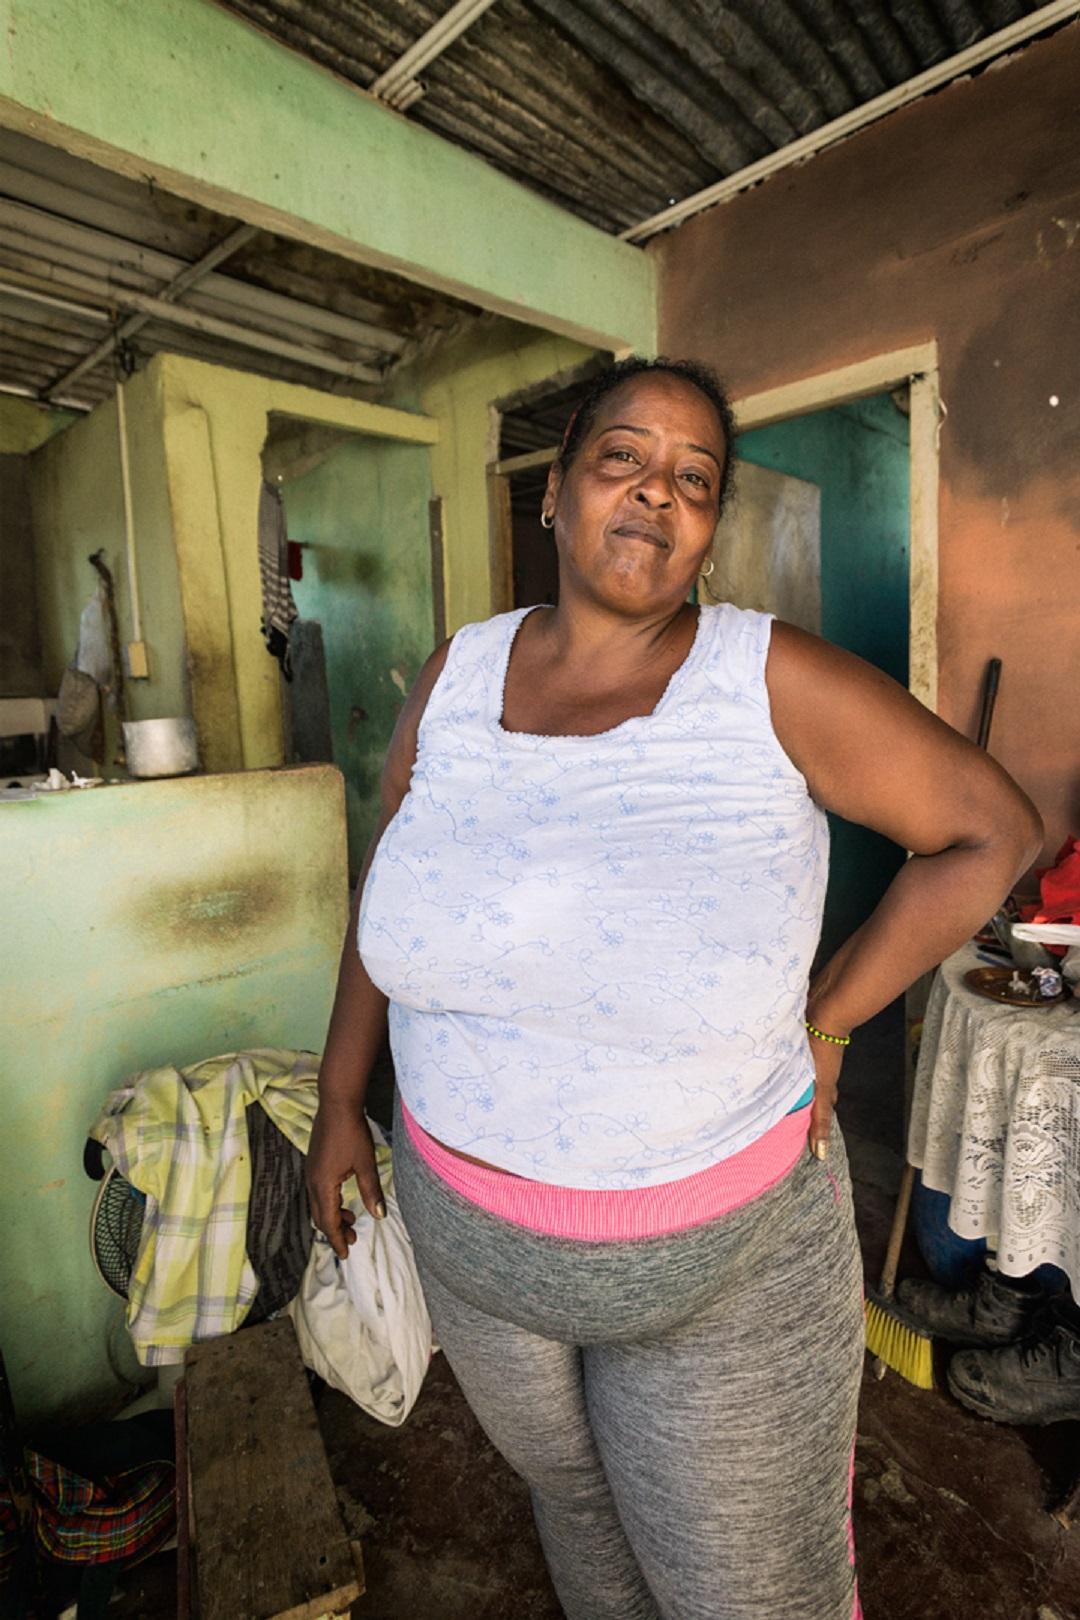 Yo estaba aquí en la cocina y sentí el ruido y de pronto el techo de la parte de allá salió volando. Era como cuando tiras gravilla al aire, toda esparcida, así estaba todo dando vueltas y las chispas por todos lados. Yo quería salir para afuera por el susto pero mi marido me agarró por el pelo y me arrinconó allá atrás. Qué susto, mija (Foto: Evelyn Sosa Rojas).